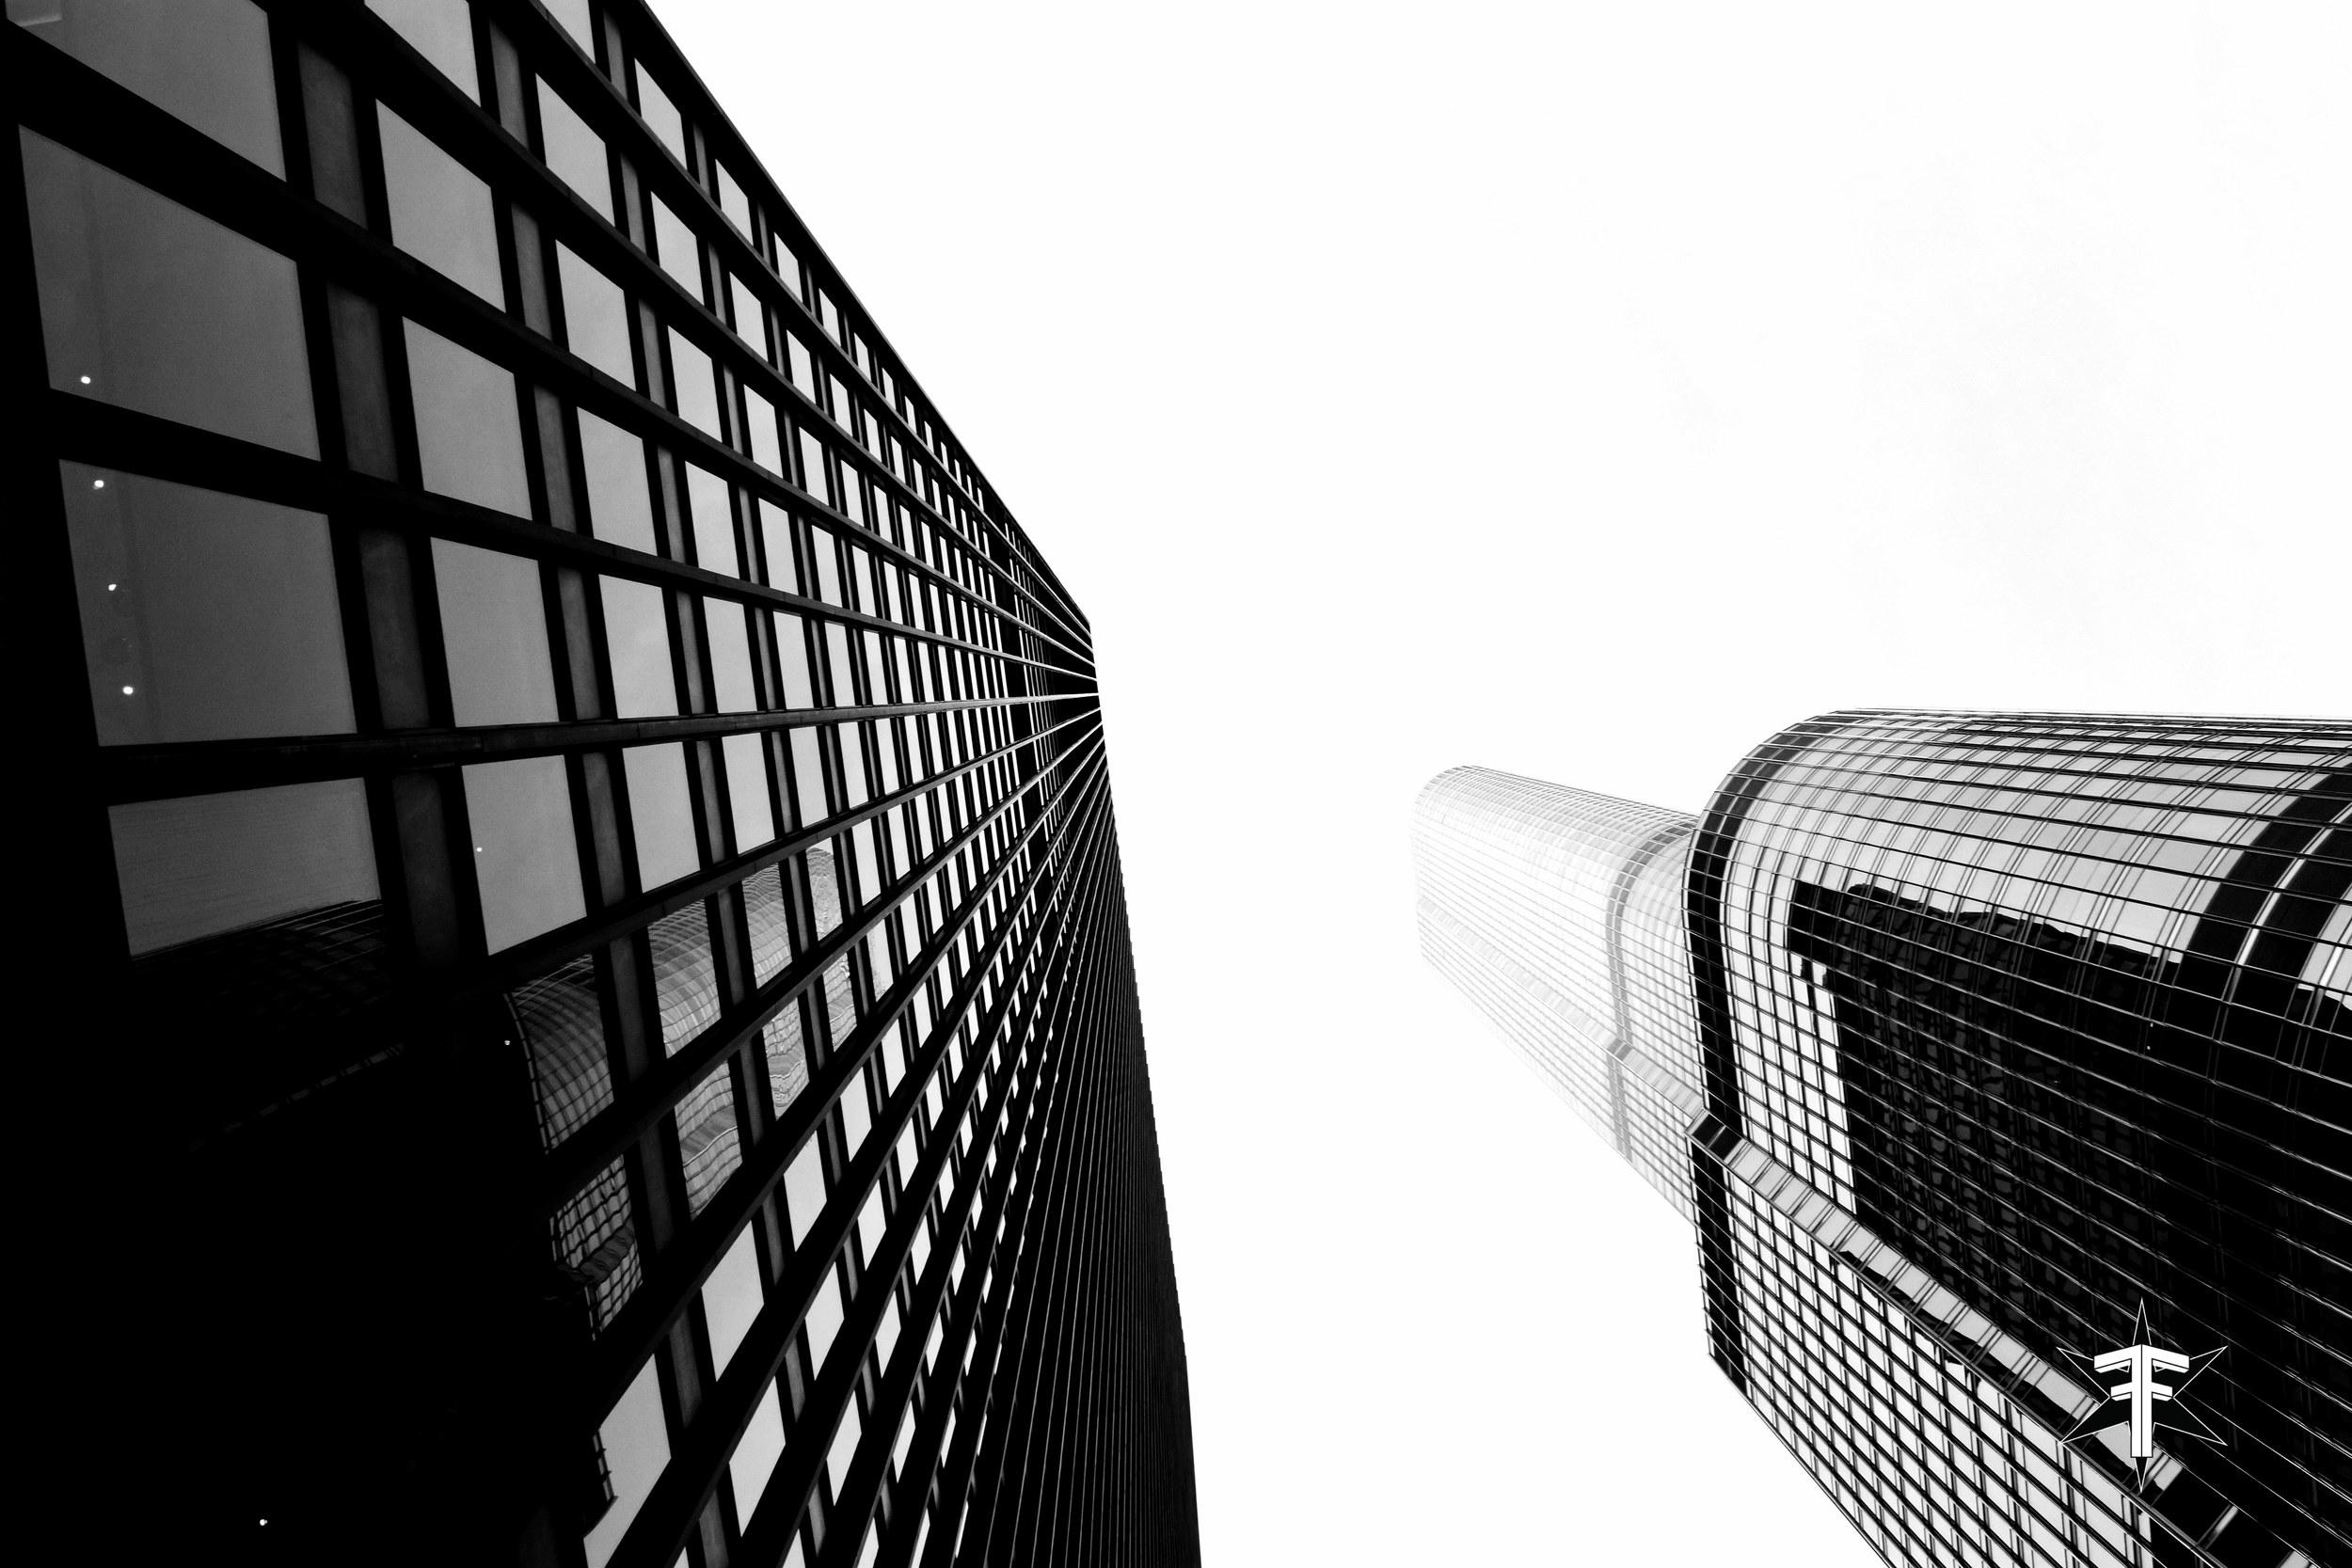 chicago architecture eric formato photography design arquitectura architettura buildings skyscraper skyscrapers-146.jpg